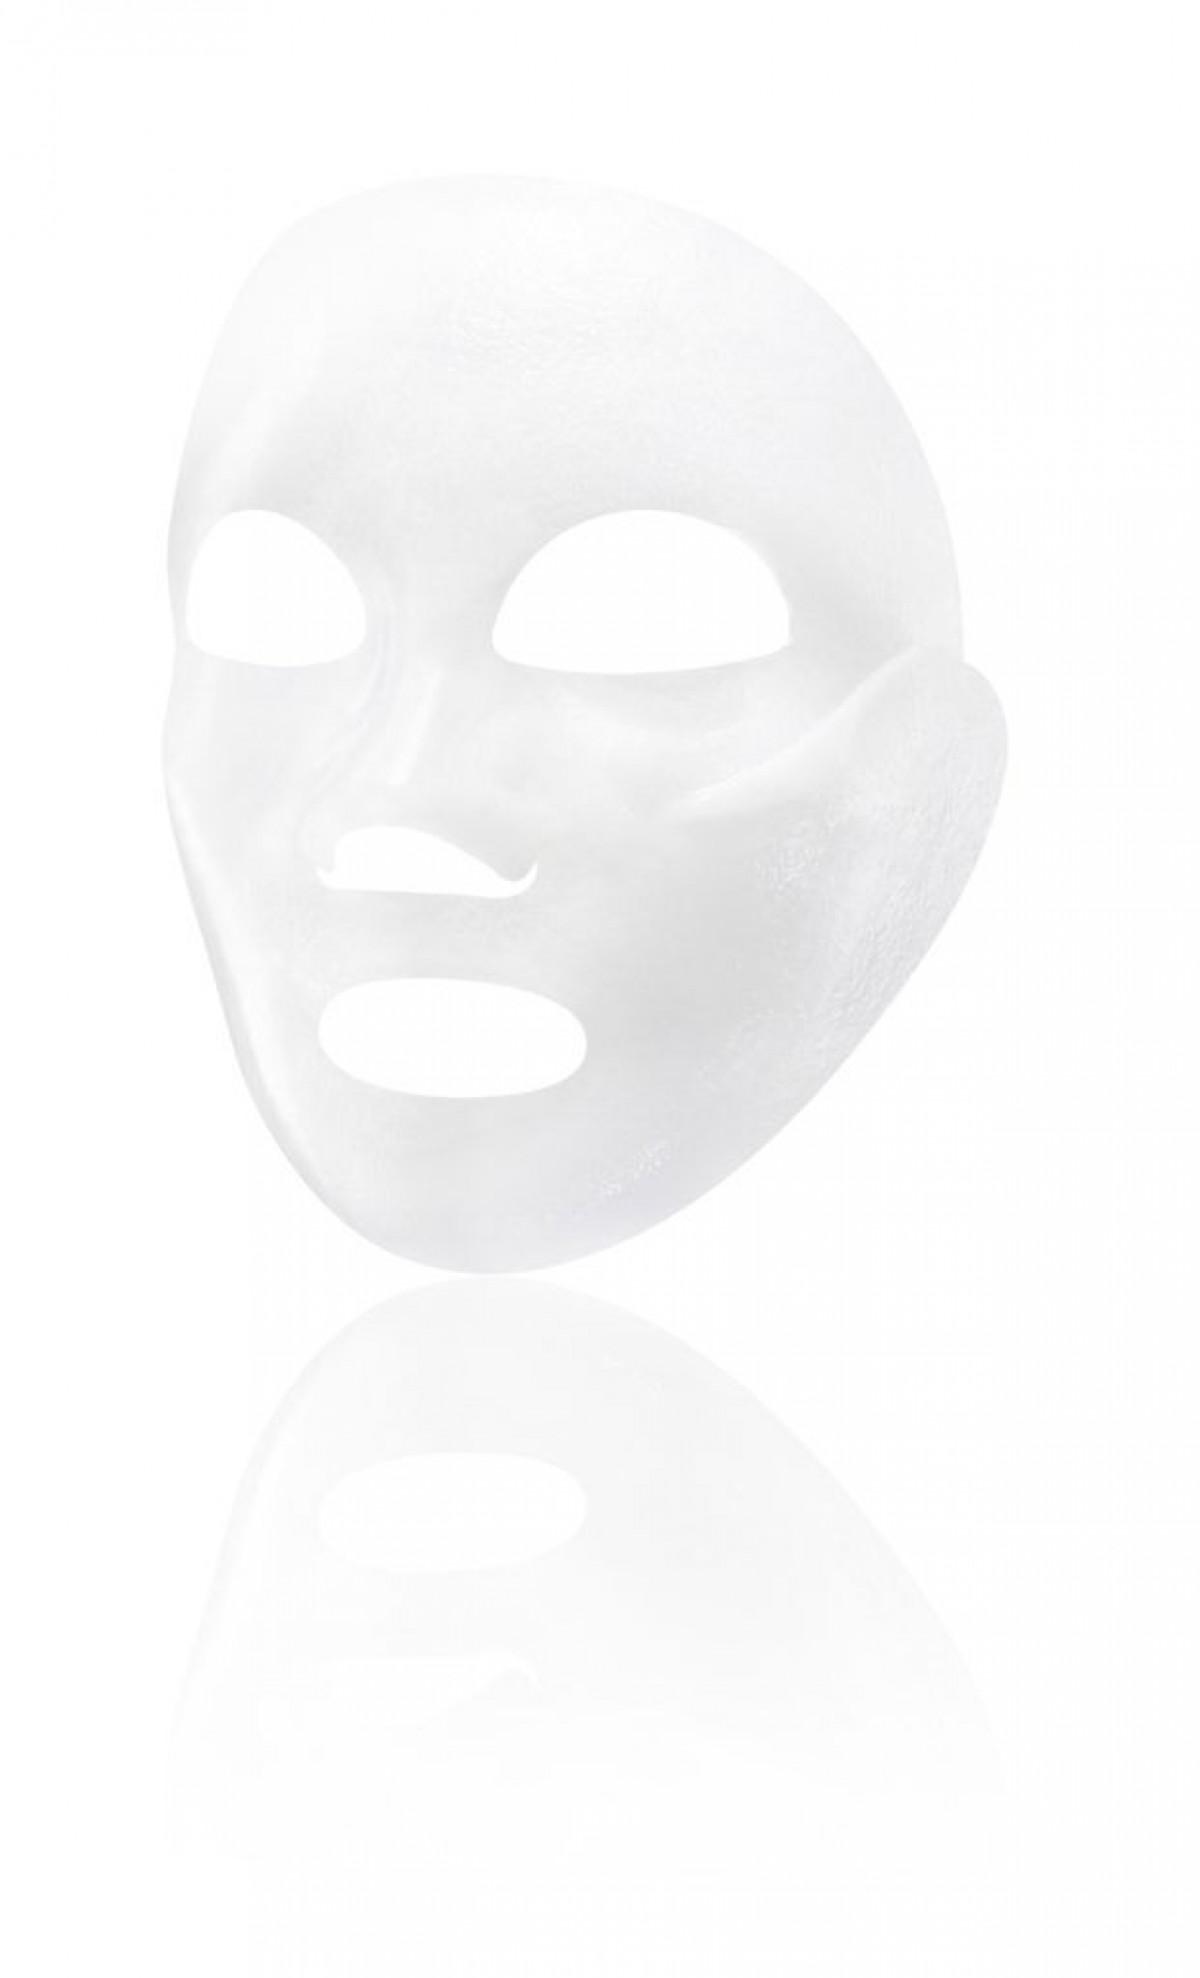 1/16発売 コスメデコルテ モイスチュアリポソームマスク